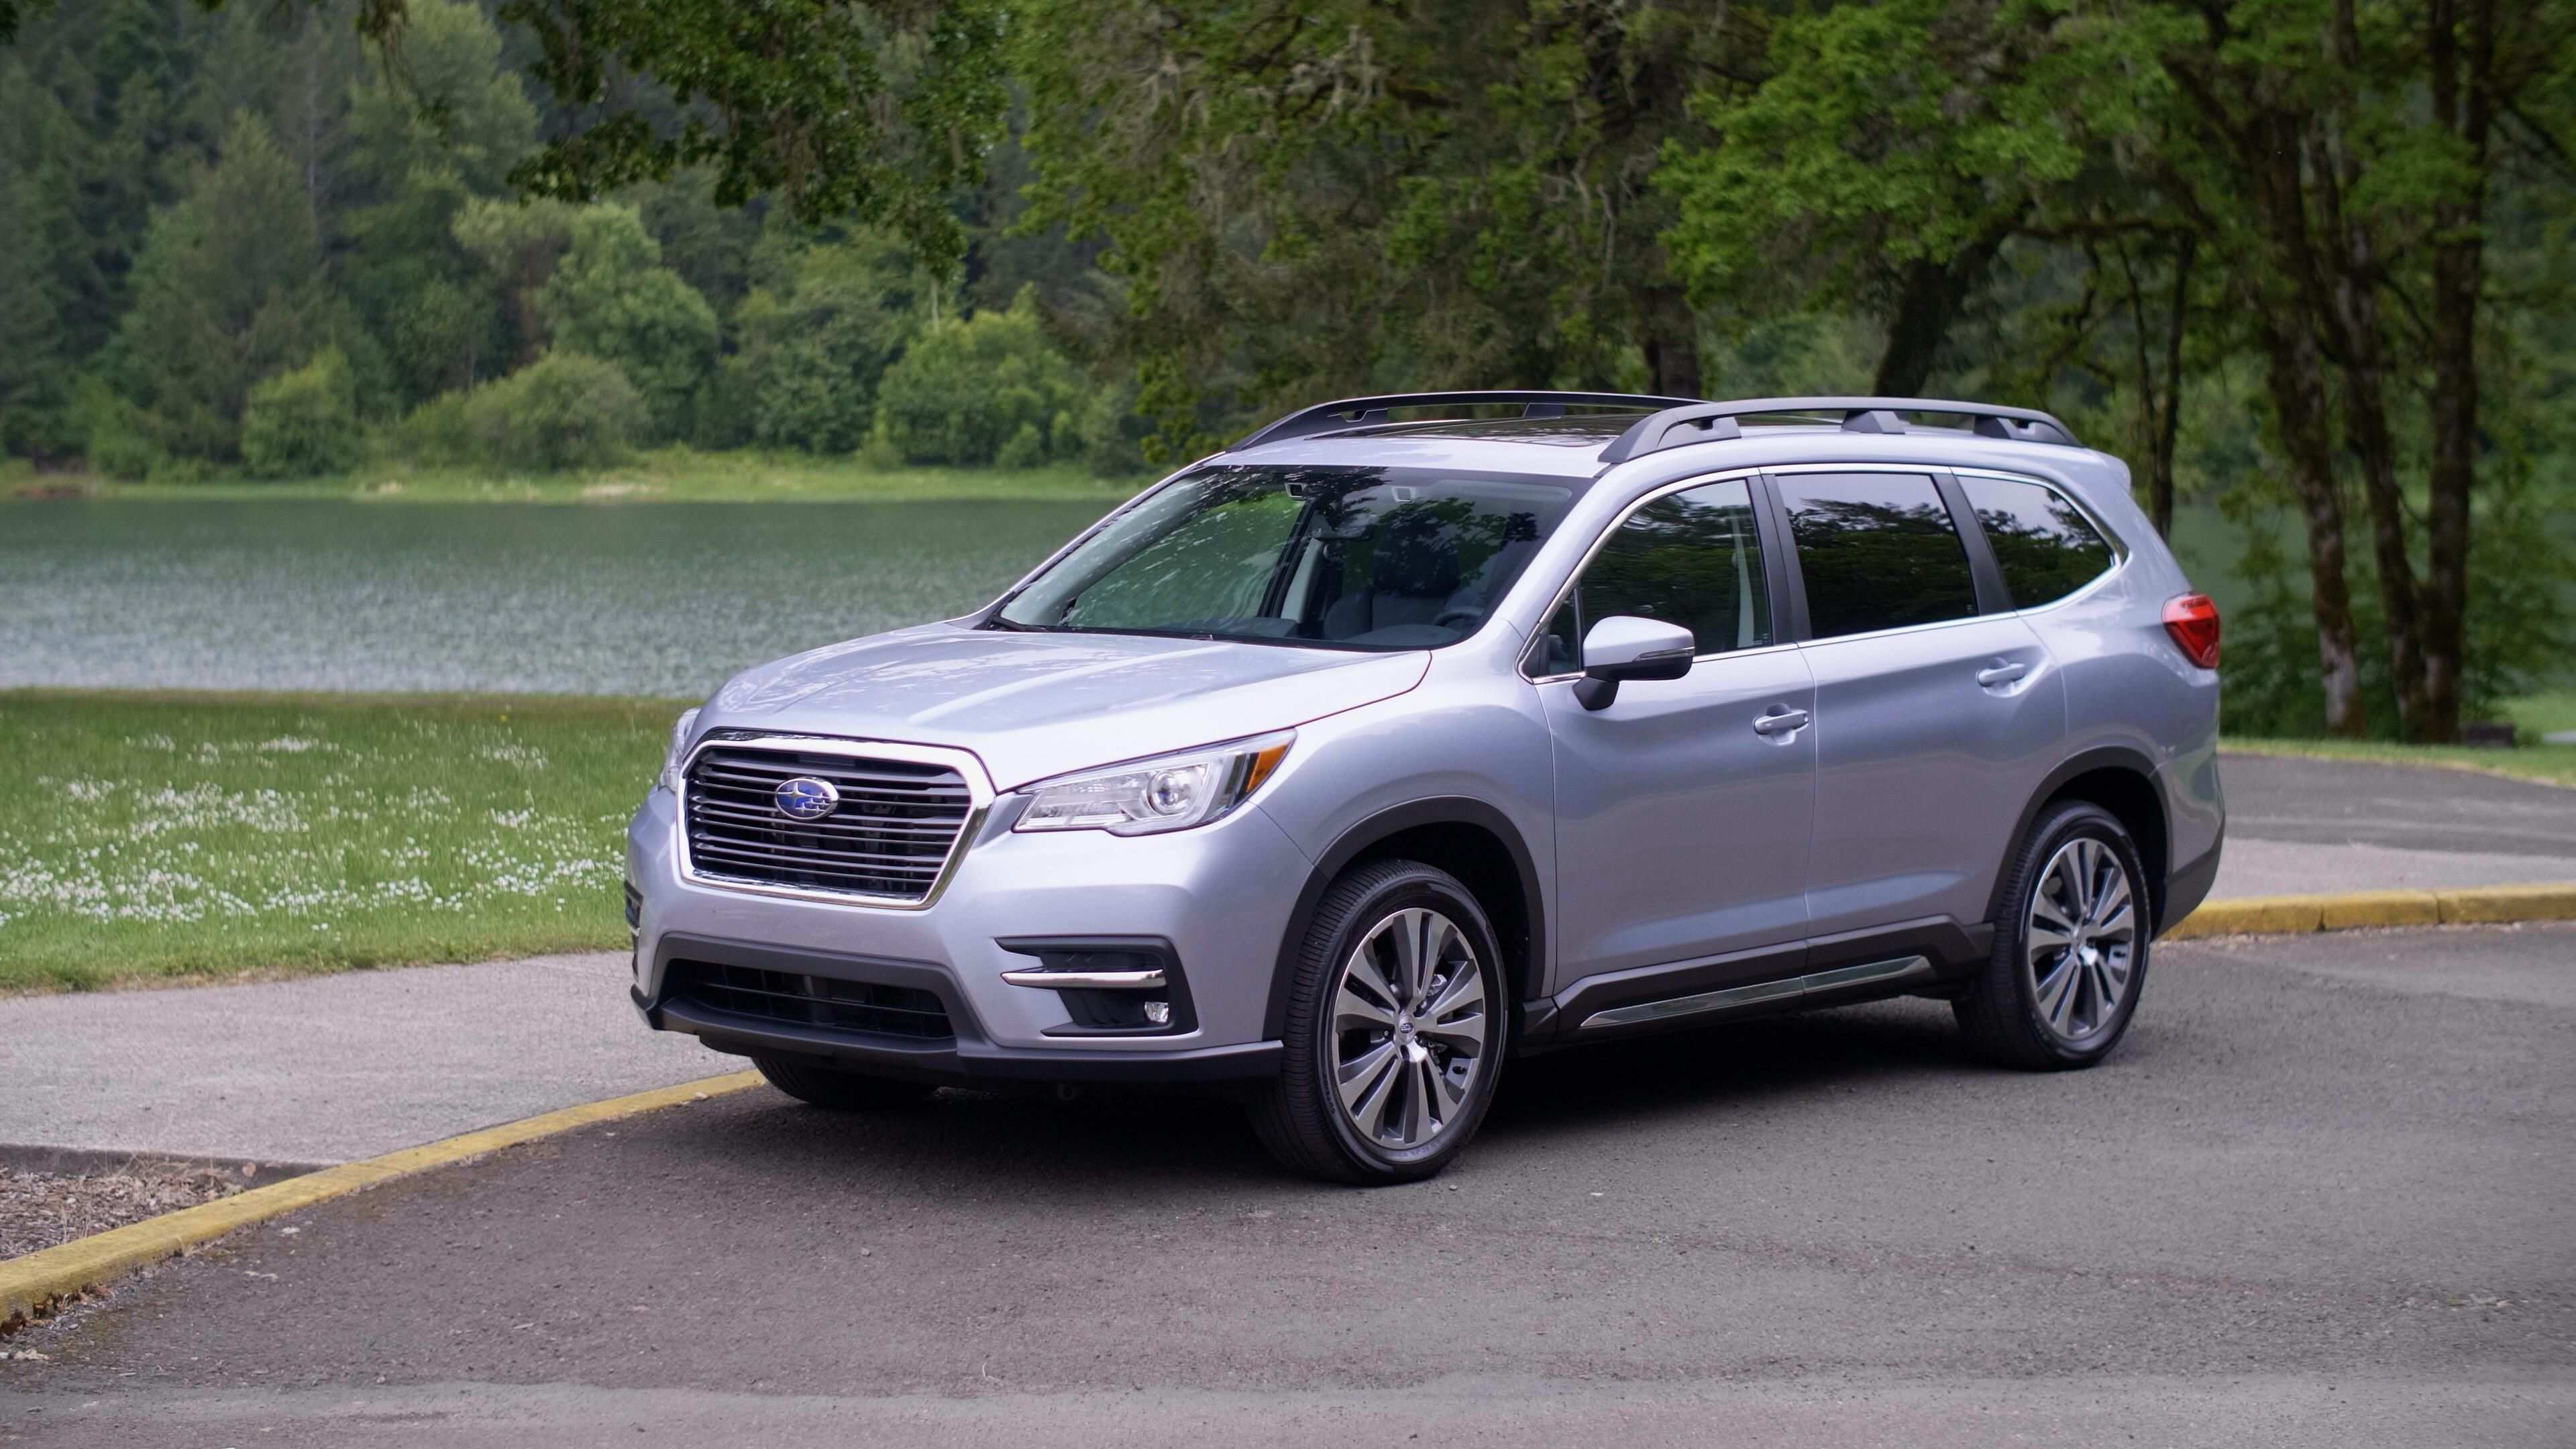 77 Great 2019 Subaru Ascent Video Exterior for 2019 Subaru Ascent Video